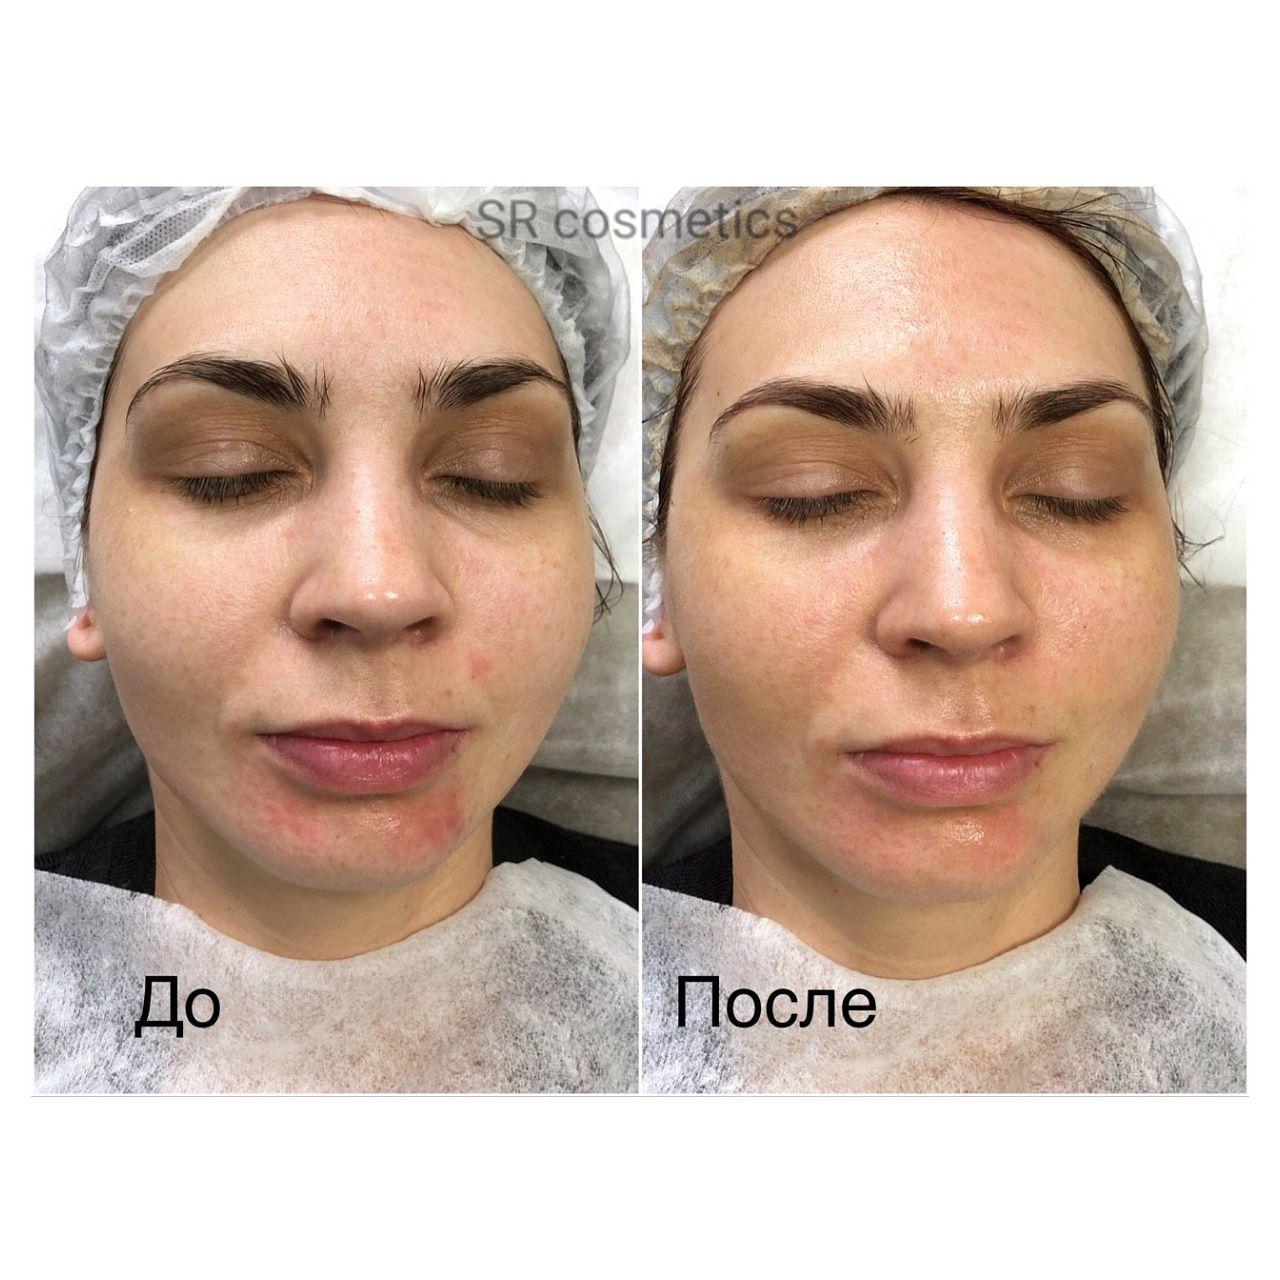 Старший косметолог - Кудлай Алёна